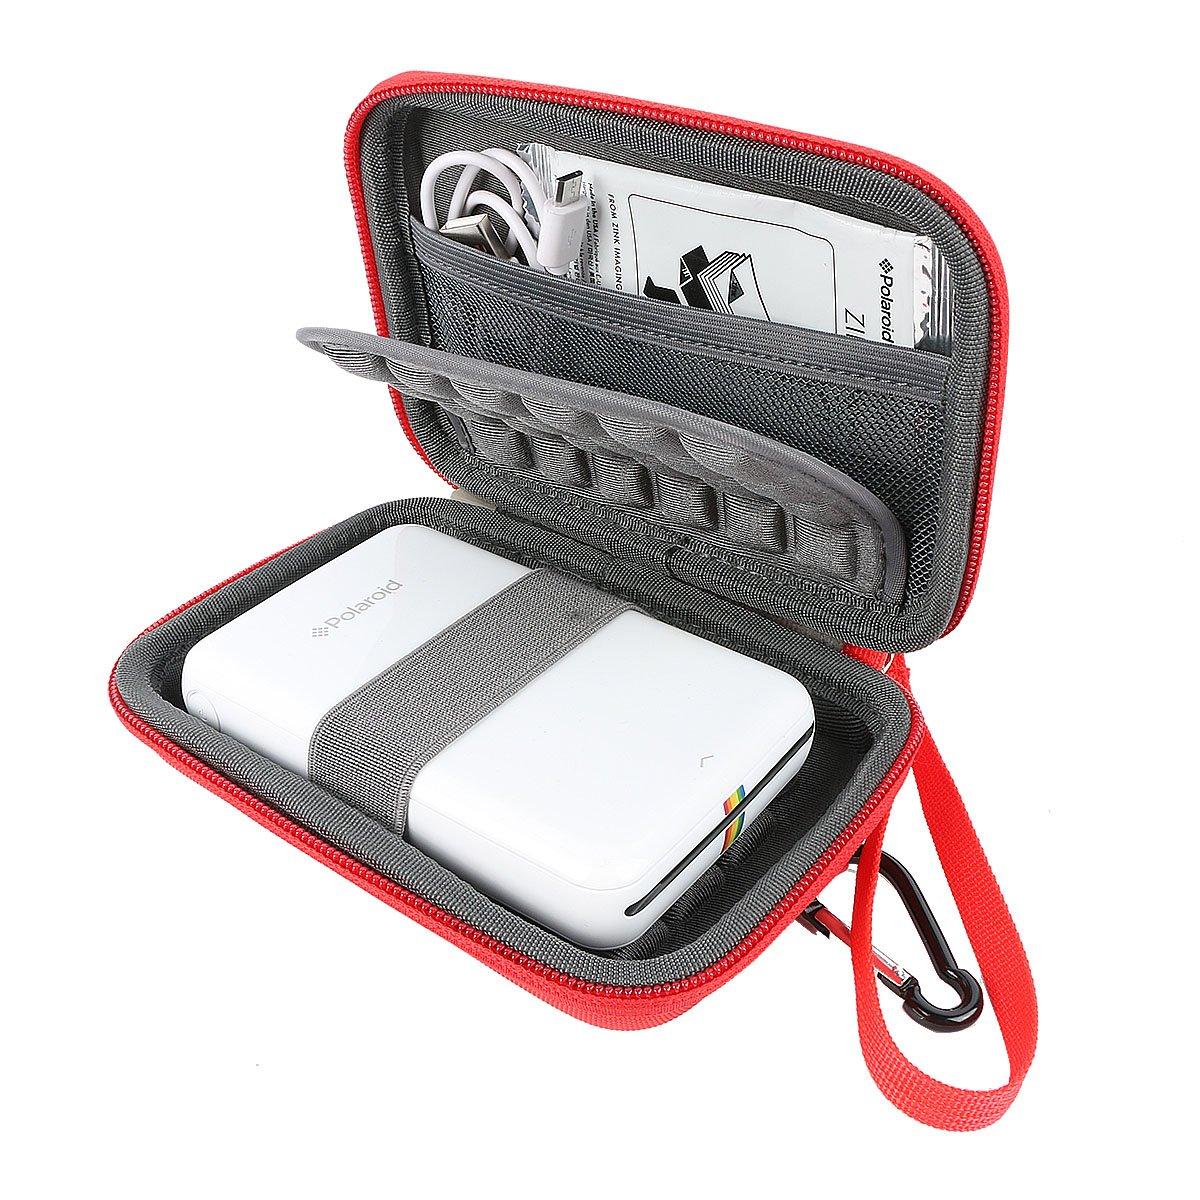 Khanka Portatile Custodia da viaggio Memorizzazione per Polaroid ZIP Stampante Portatile Zero Ink Printing - Rosso Teckone-BaoLILai-53